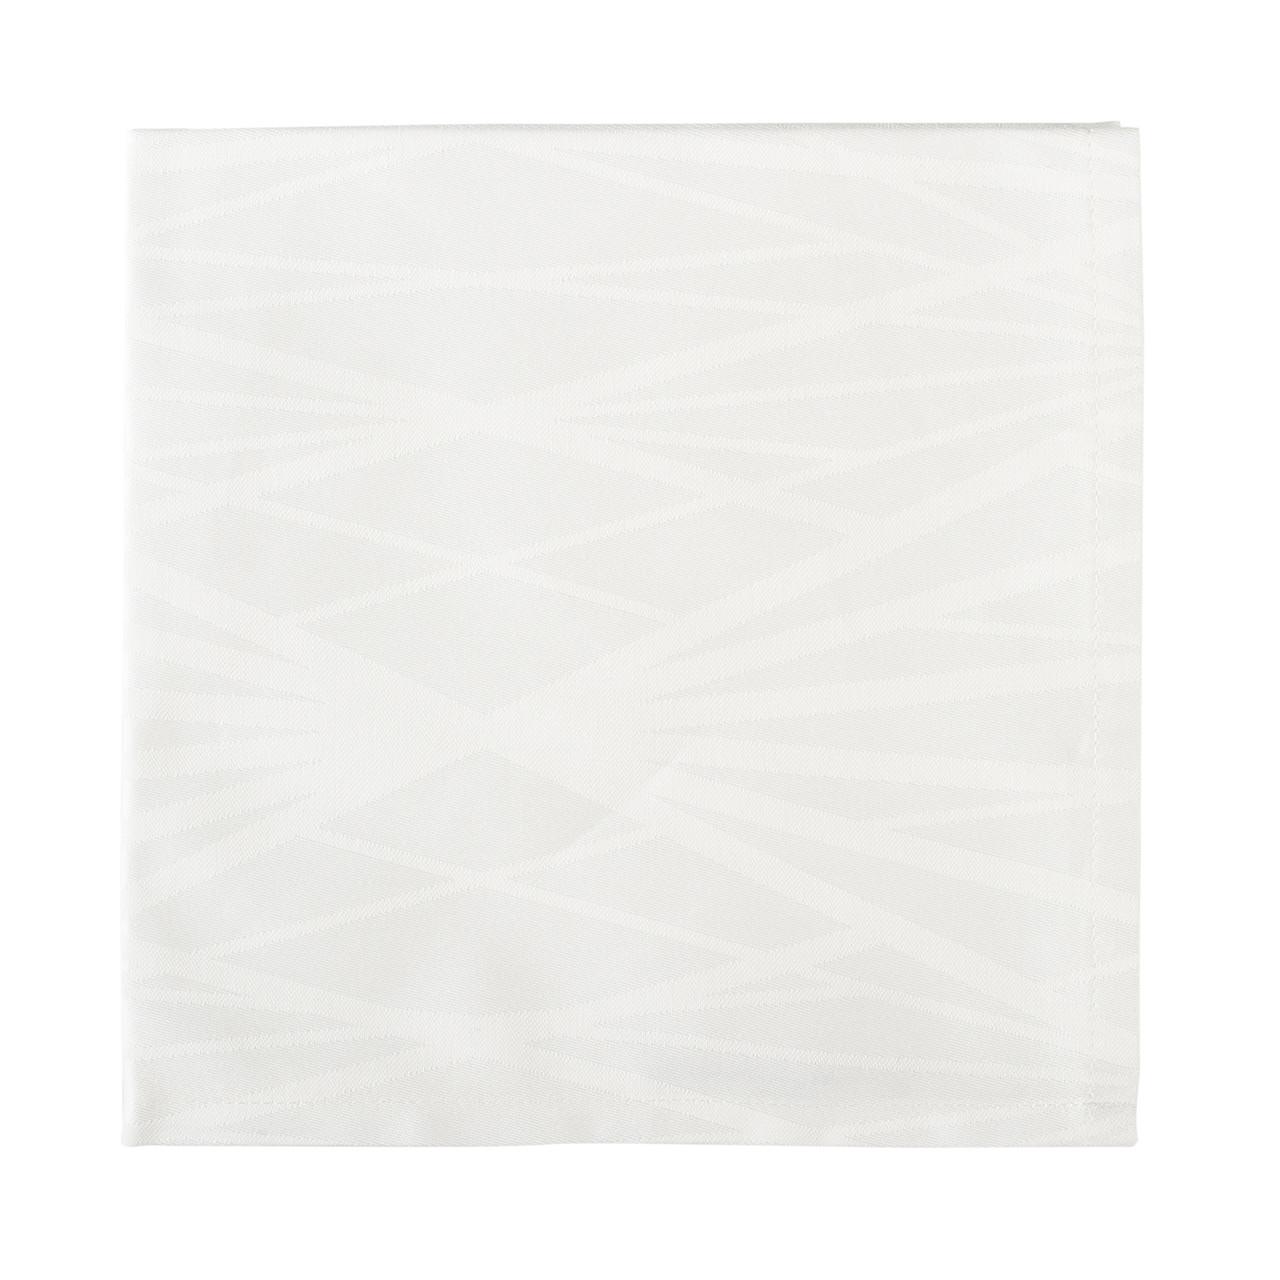 SÖDAHL Diamond Grid mundservietter 4 pak off white